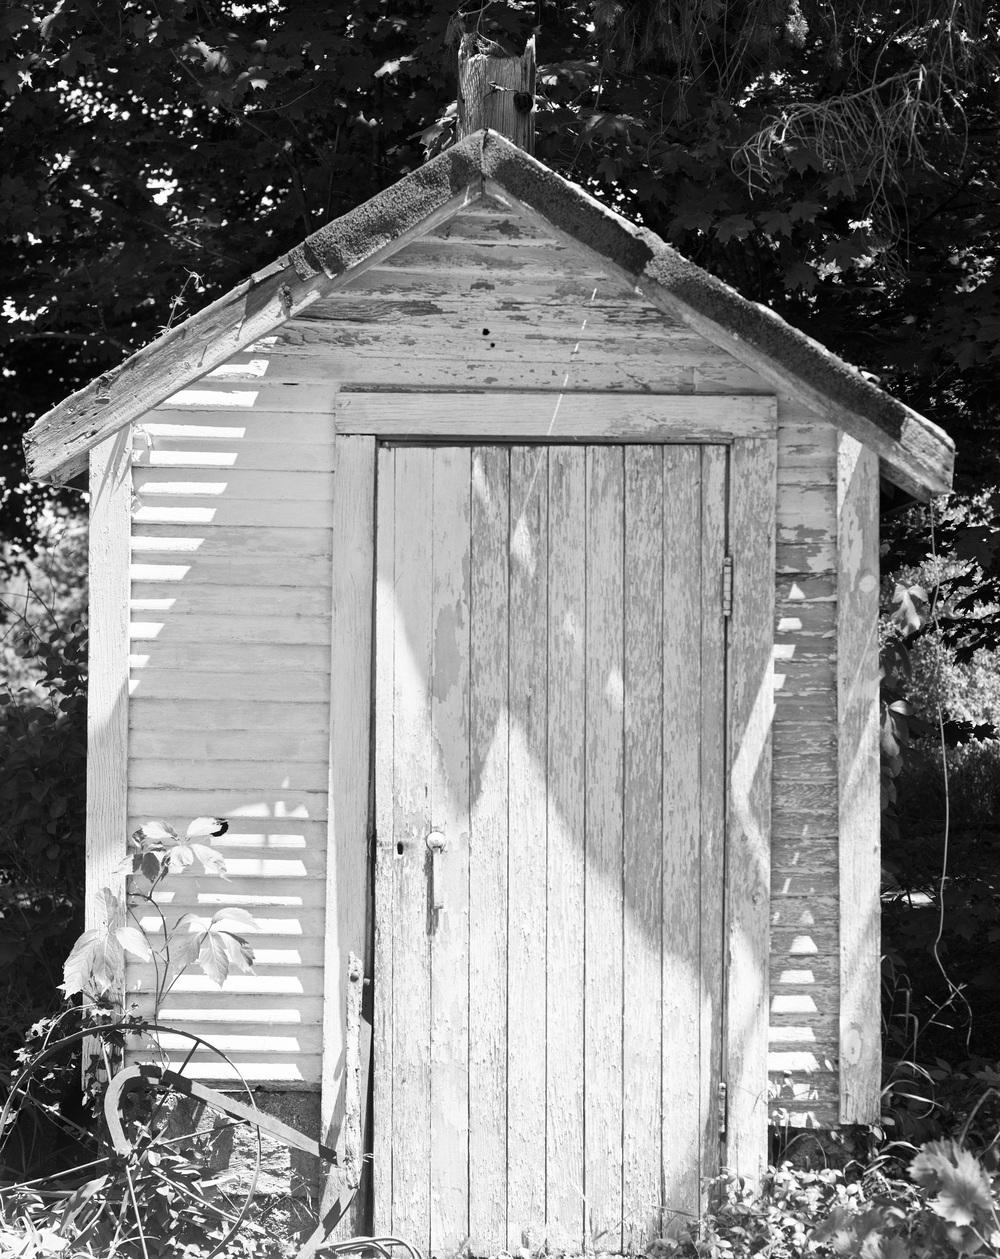 milkhouse001.jpg